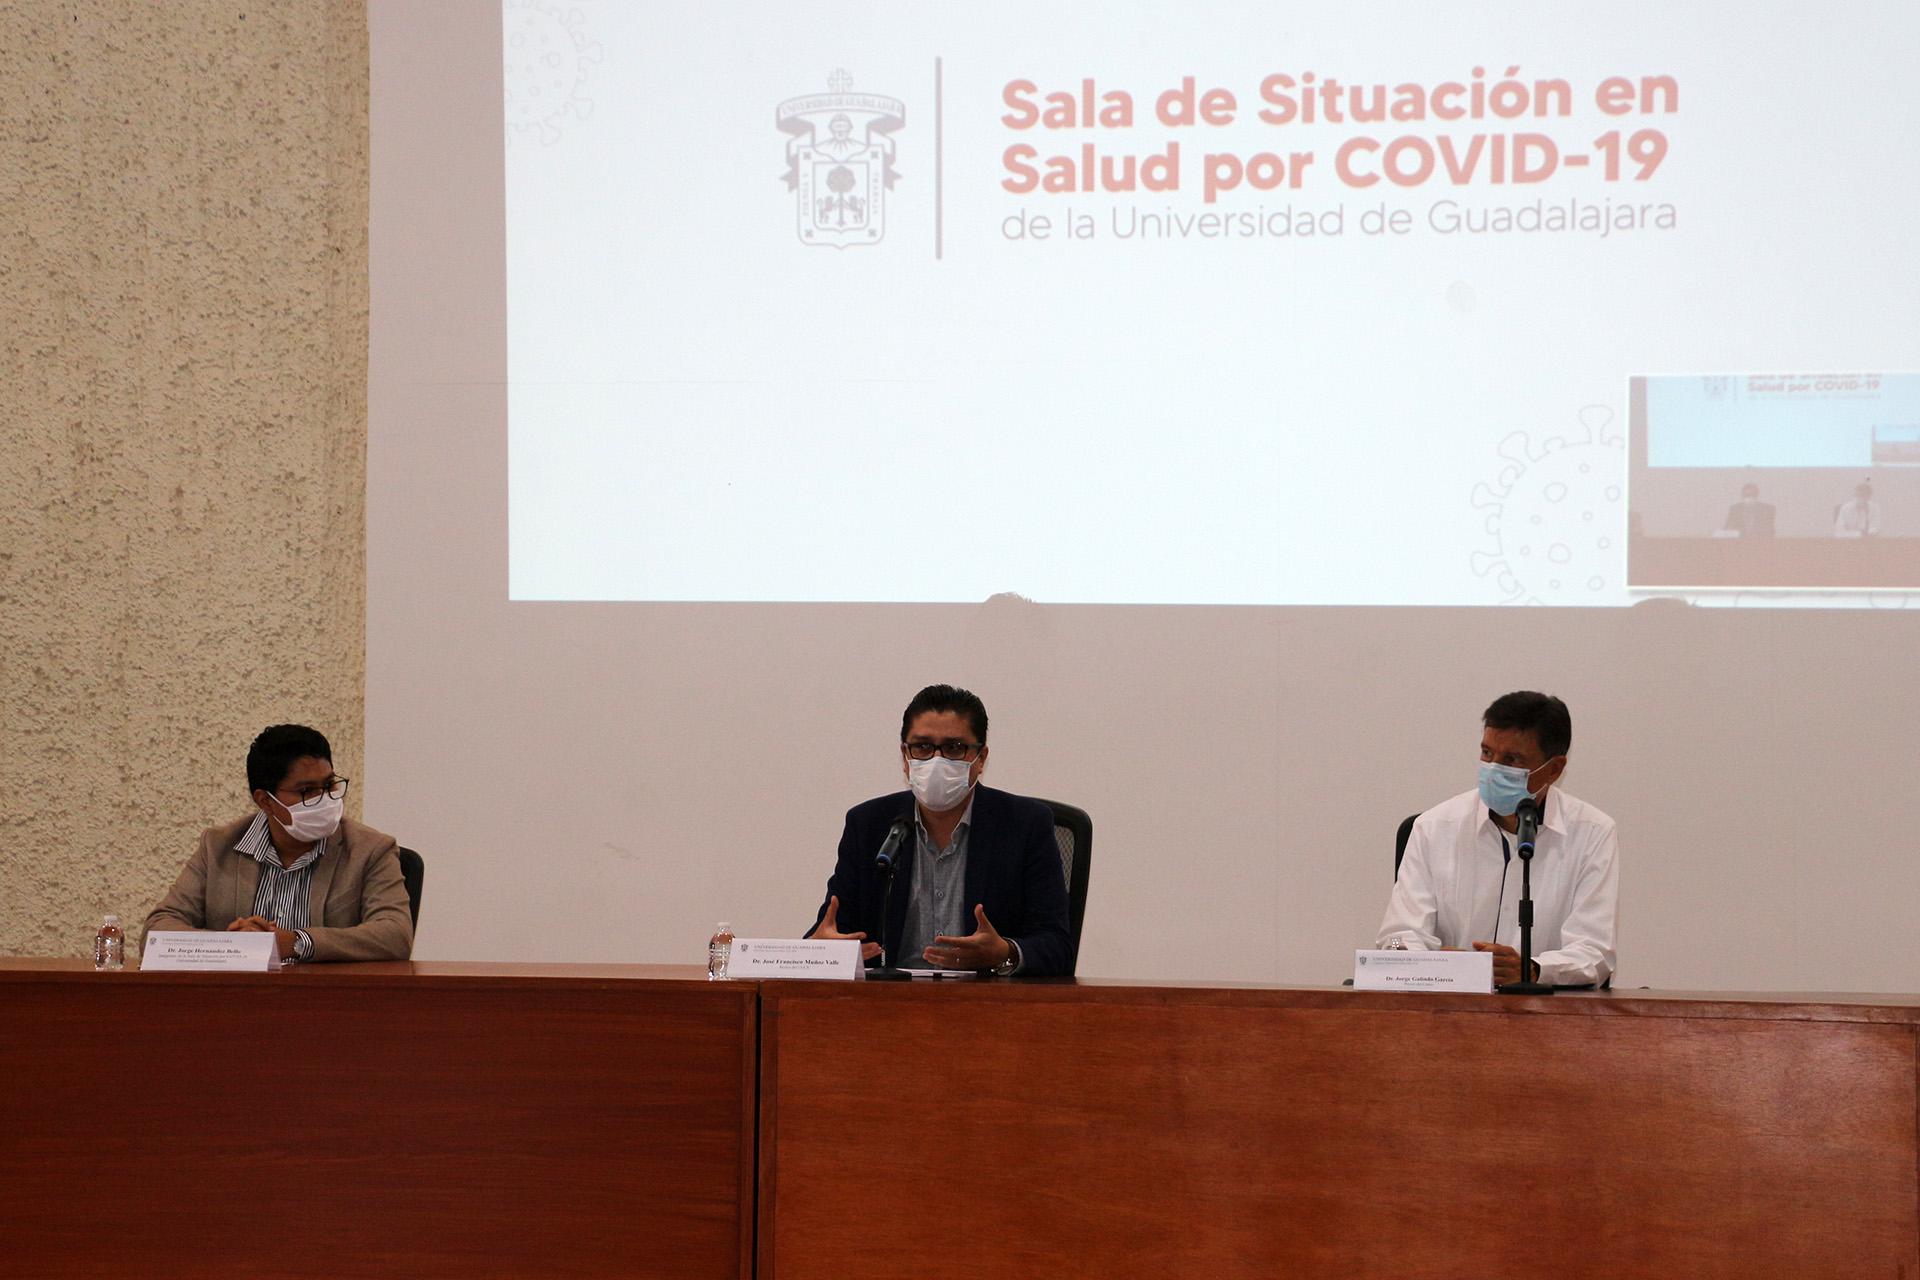 Presentan en este plantel la Sala de Situación en Salud por COVID-19 de la UdeG a presidentes municipales del Sur de JaliscoPresentan en este plantel la Sala de Situación en Salud por COVID-19 de la UdeG a presidentes municipales del Sur de Jalisco